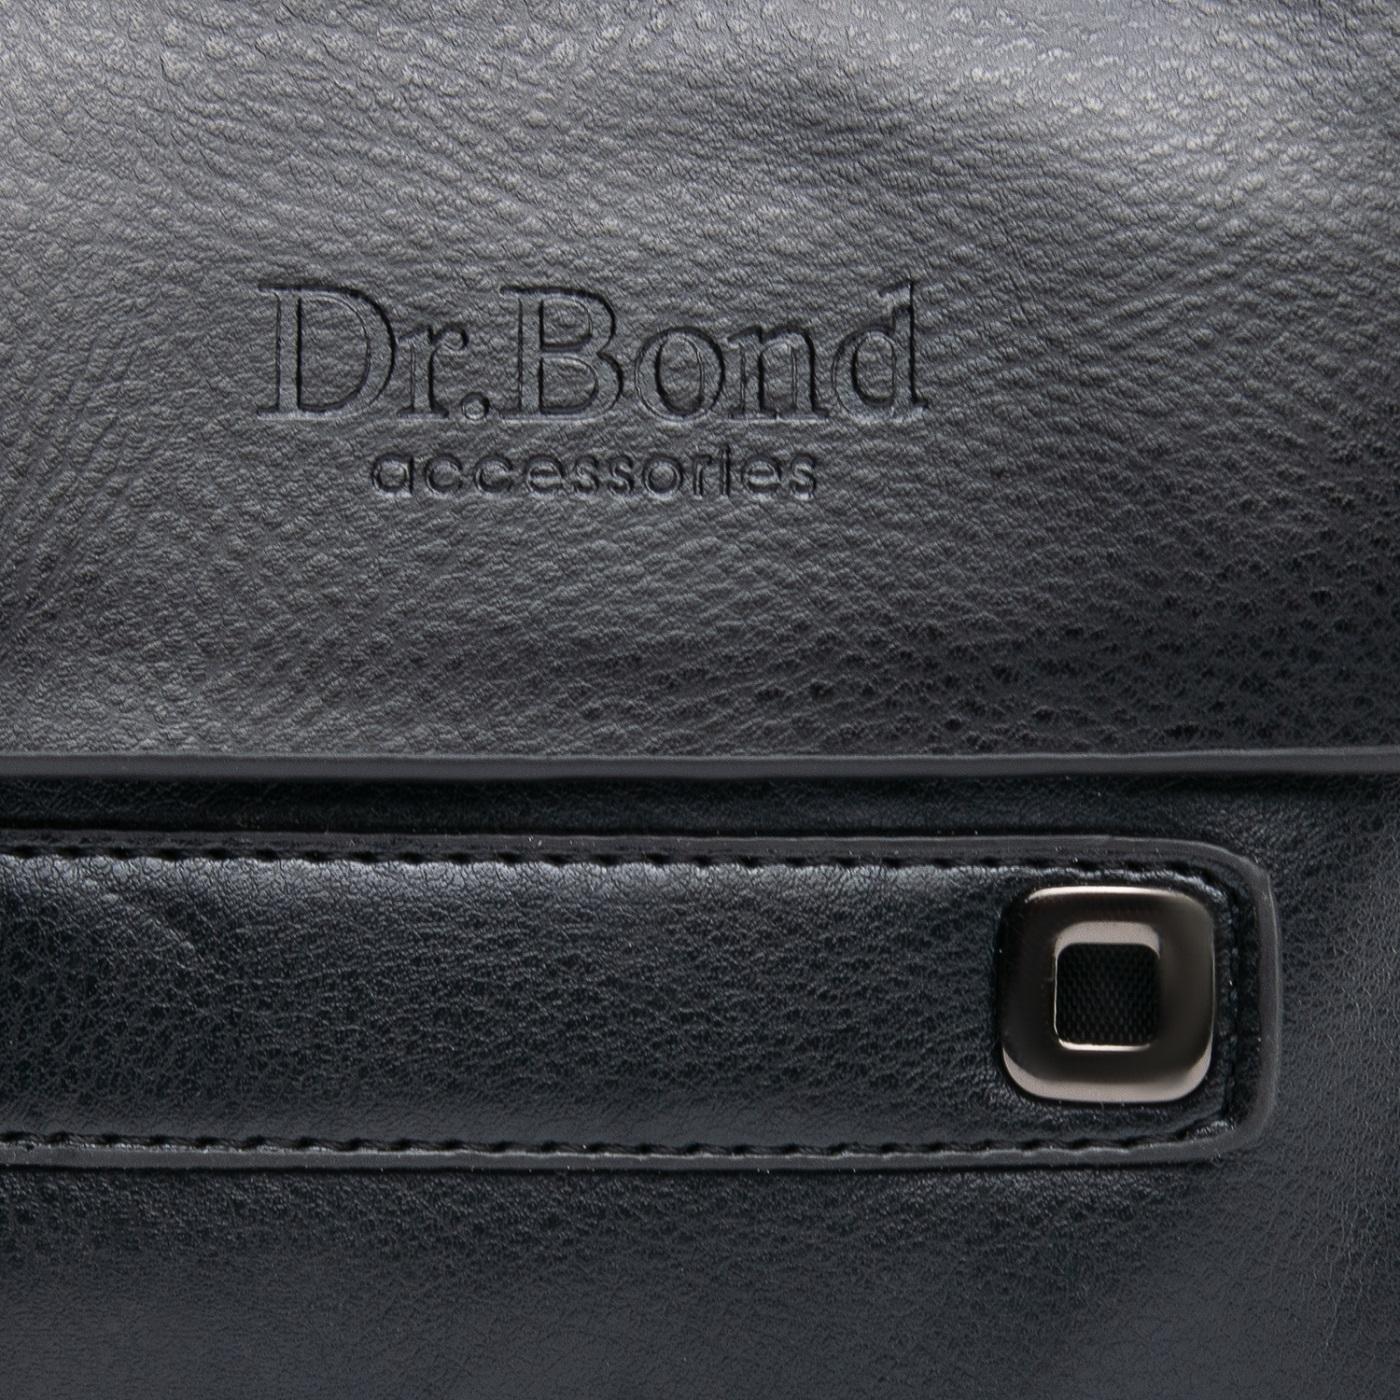 Сумка Мужская Планшет иск-кожа DR. BOND GL 512-0 black - фото 3